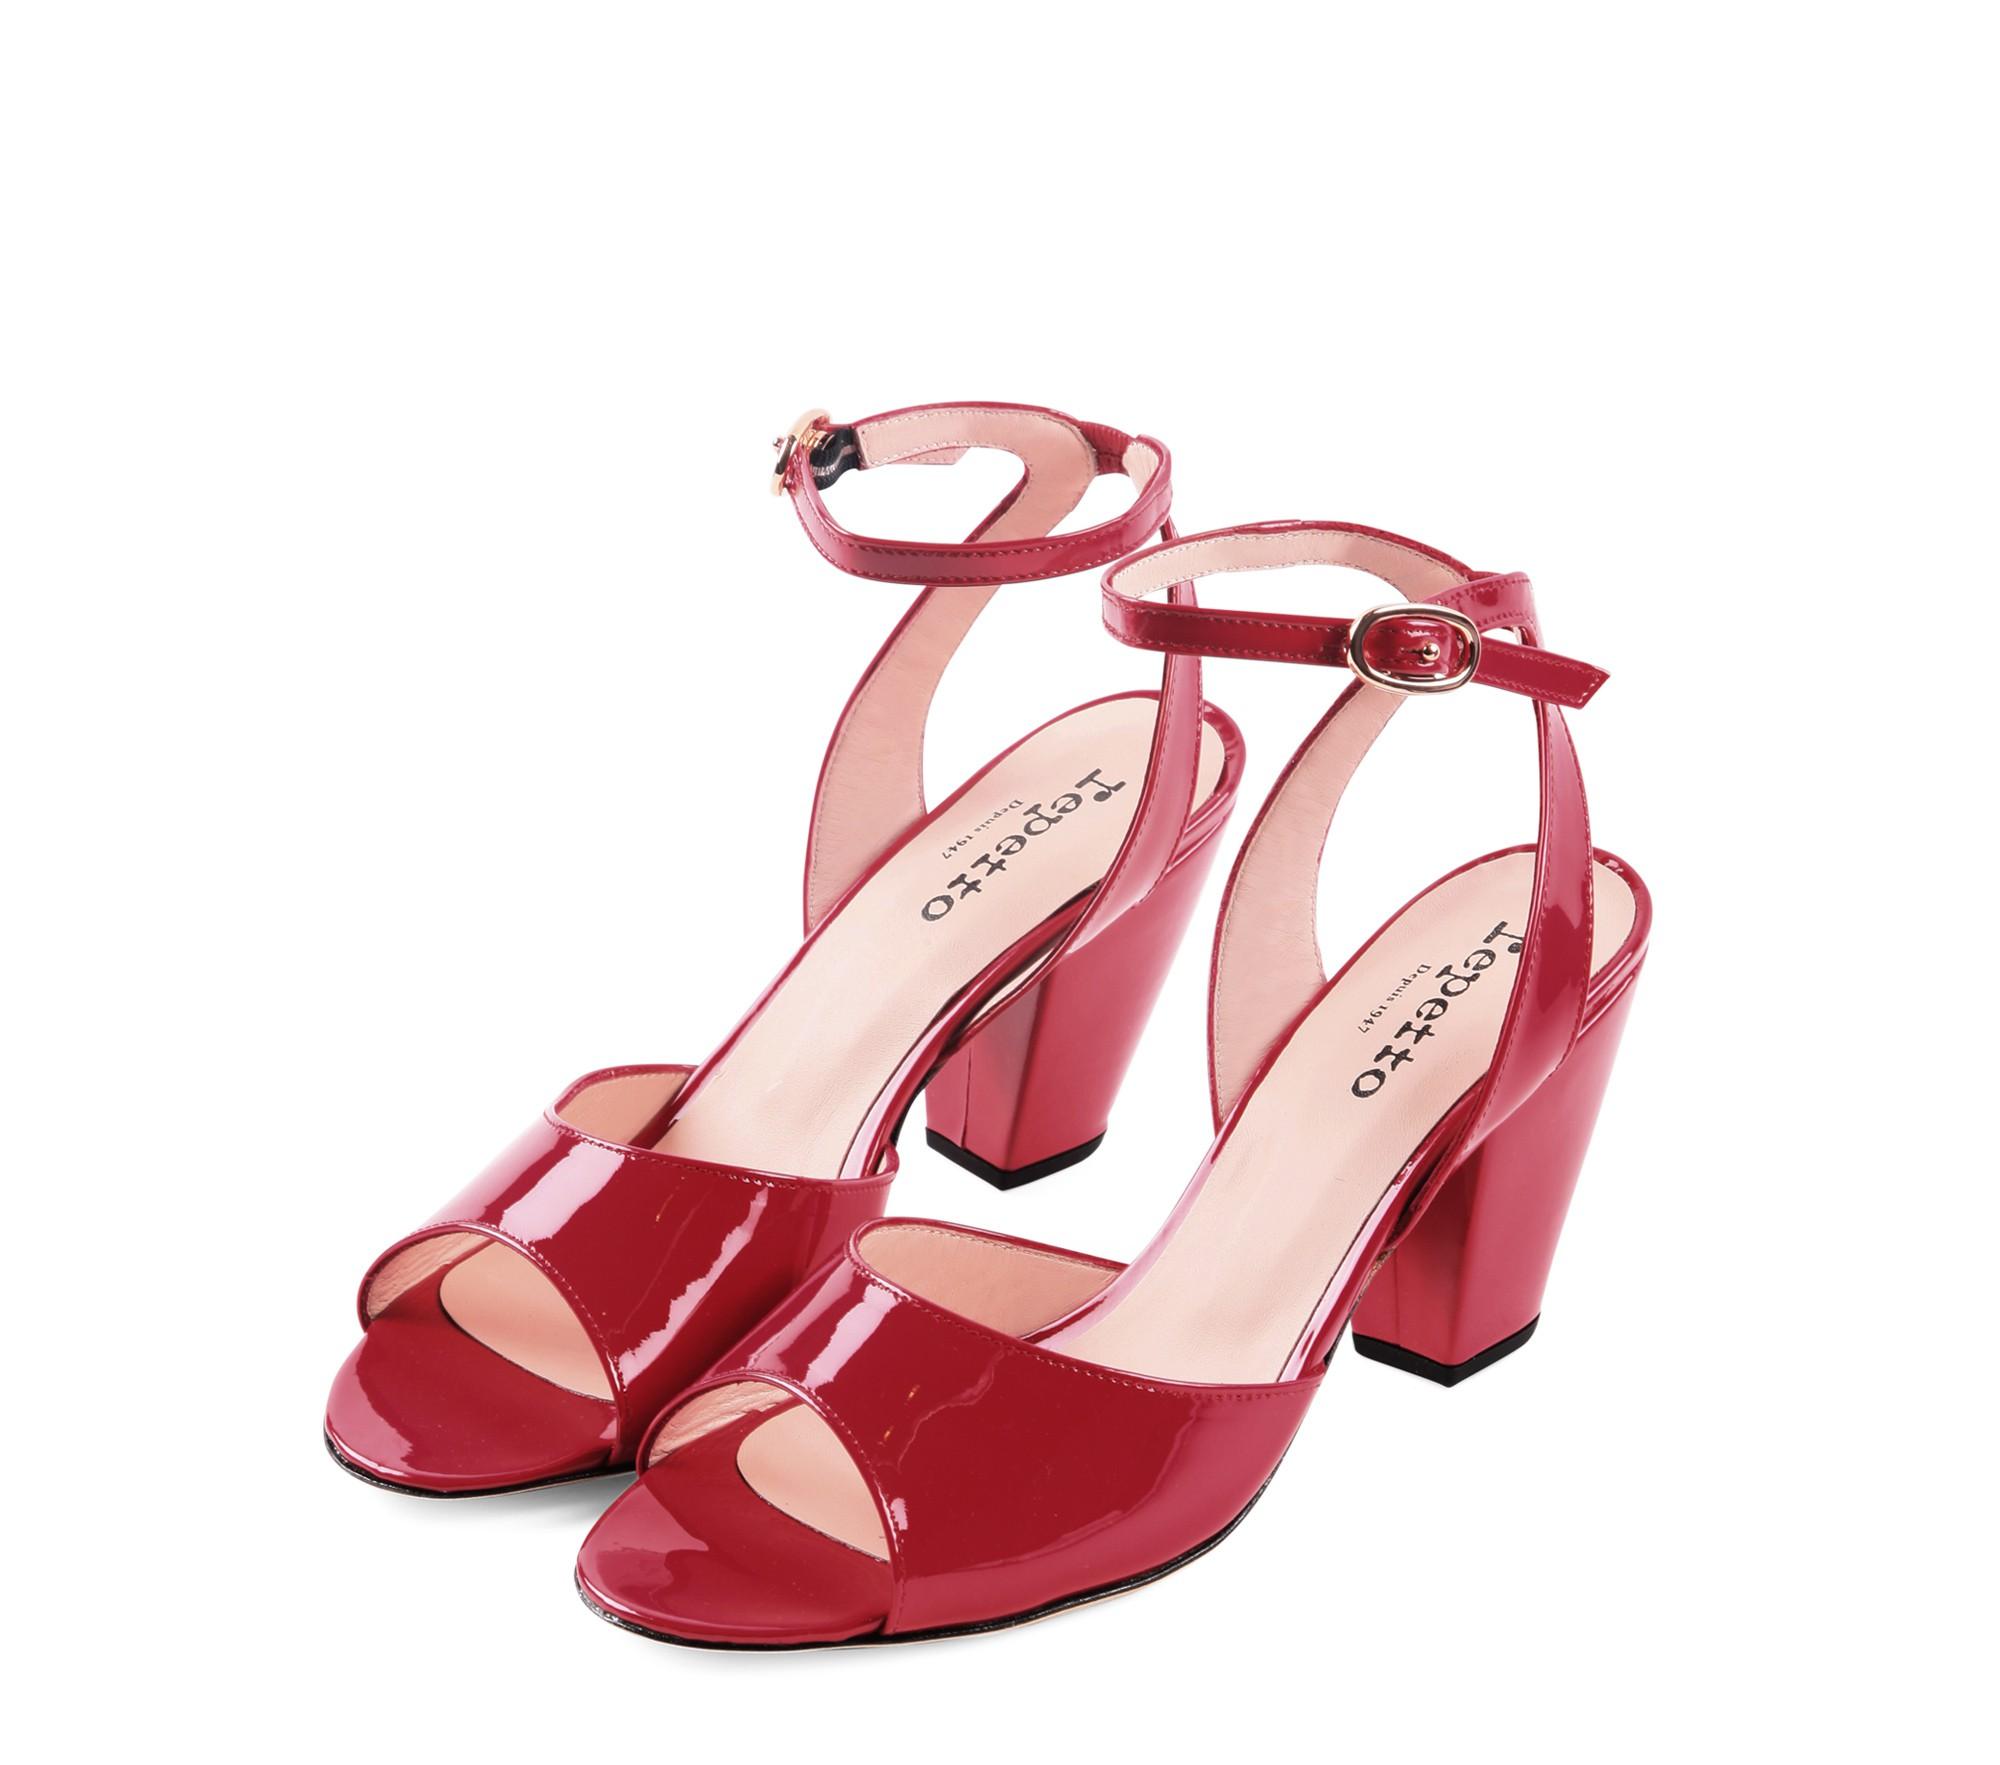 Ivette sandal